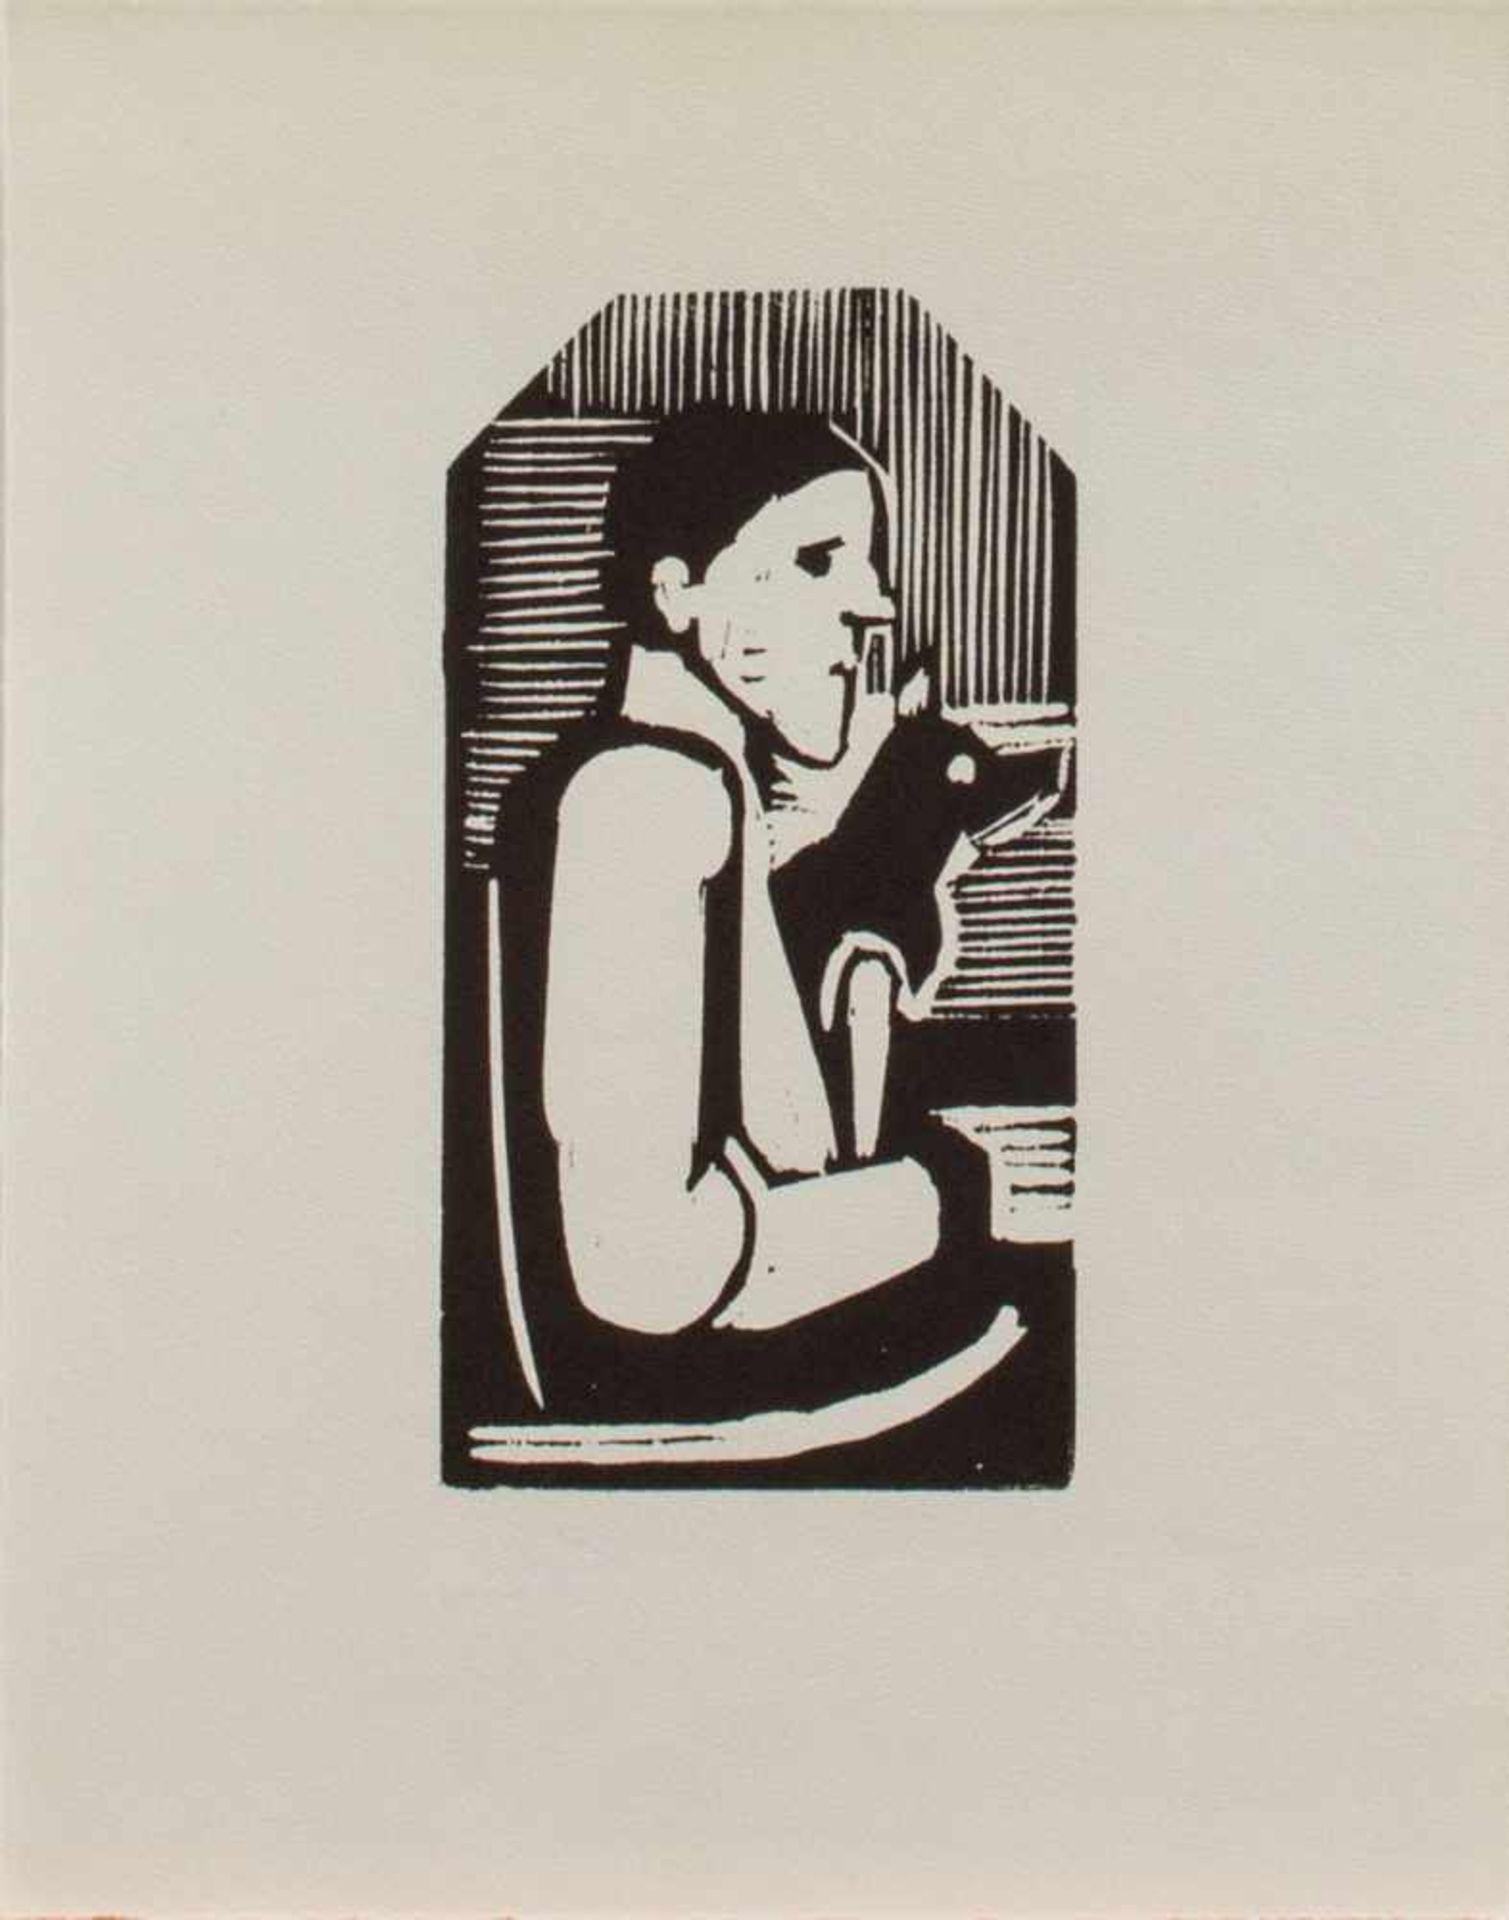 Wilhelm Lachnit(Gittersee 1899 - 1962 Dresden, Maler u. Grafiker, Std. a.d. KGS Dresdner u. a.d.